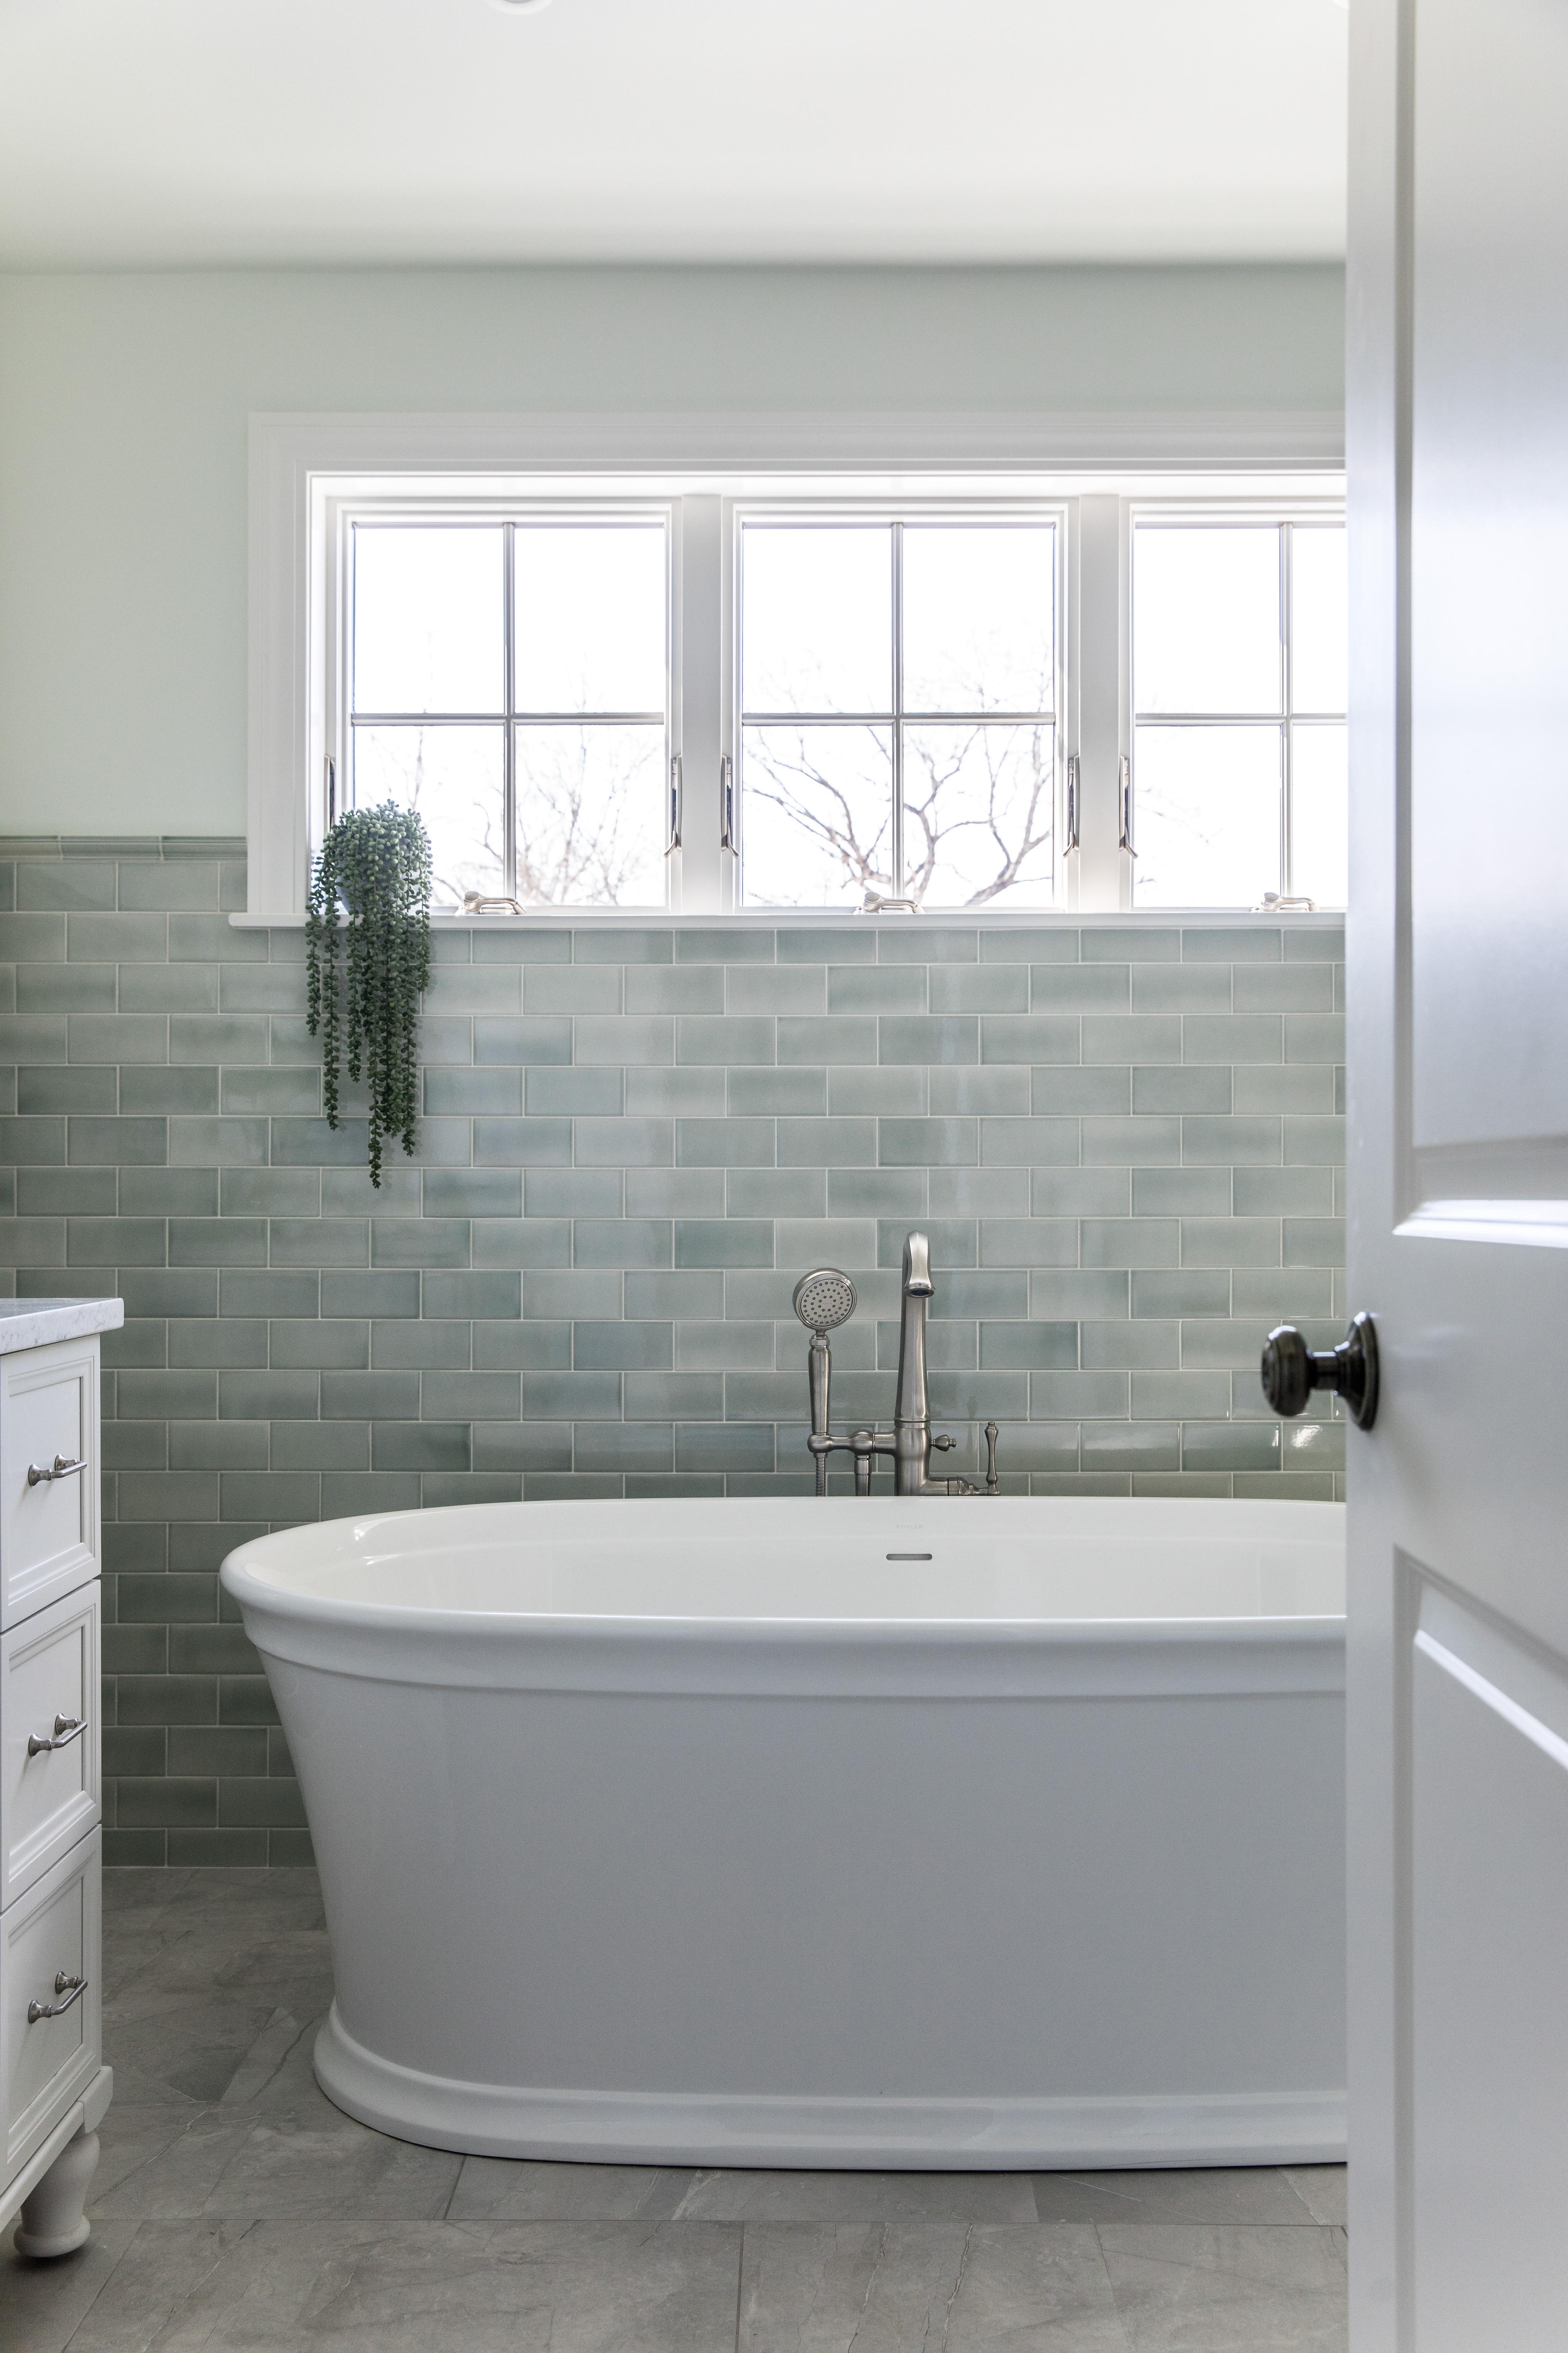 In-Store Bath Consultation